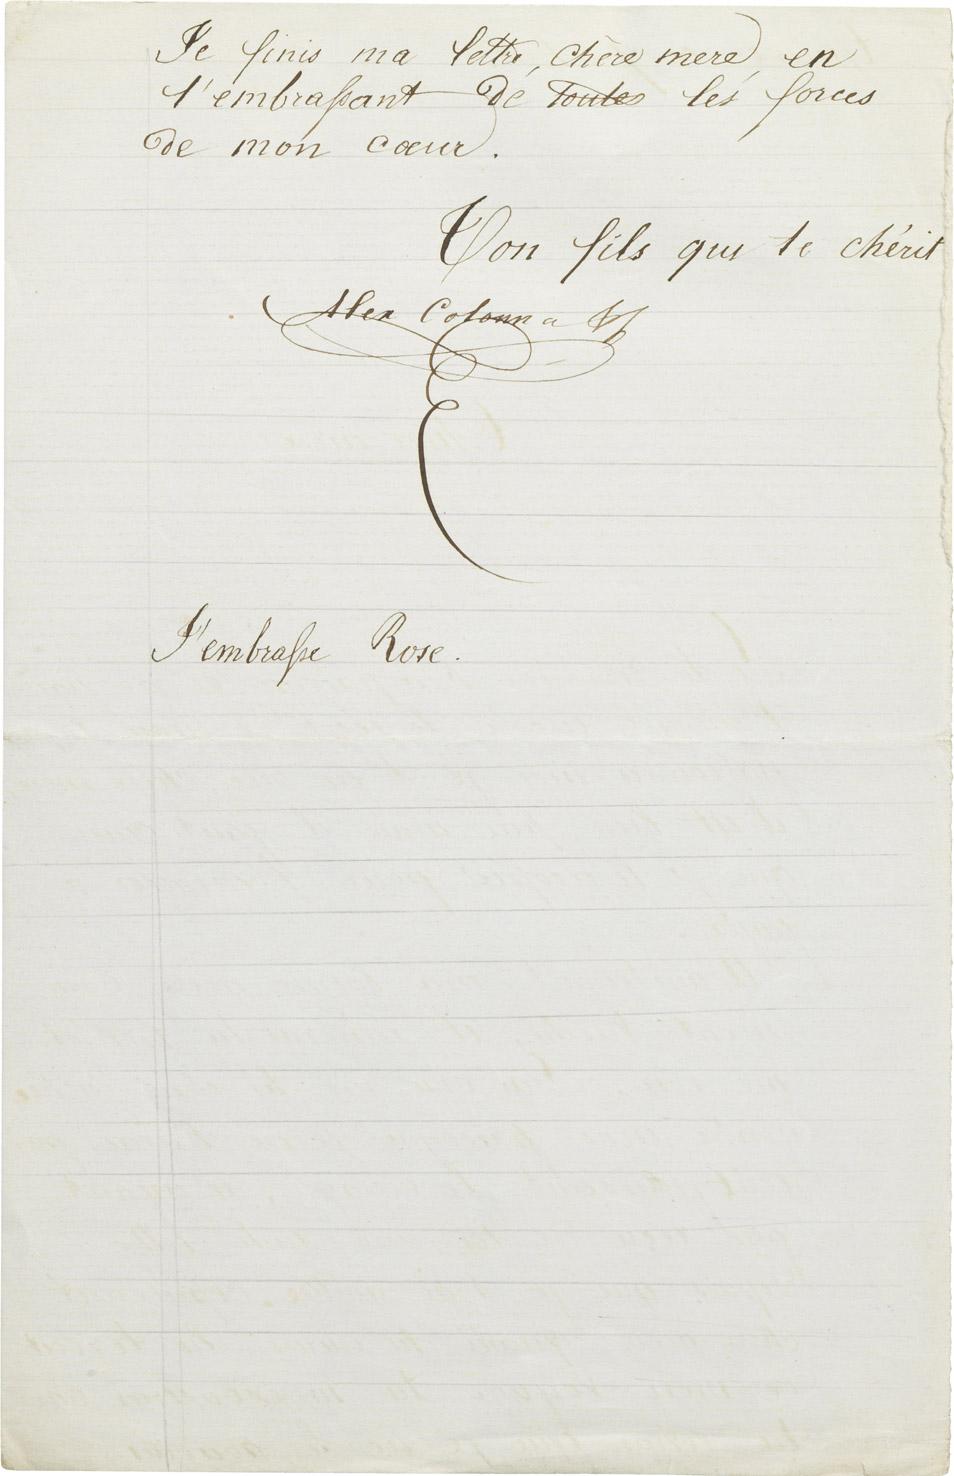 Lettre d'Alexandre II Walewski à sa mère Rachel - Patrimoine Charles-André COLONNA WALEWSKI, en ligne directe de Napoléon